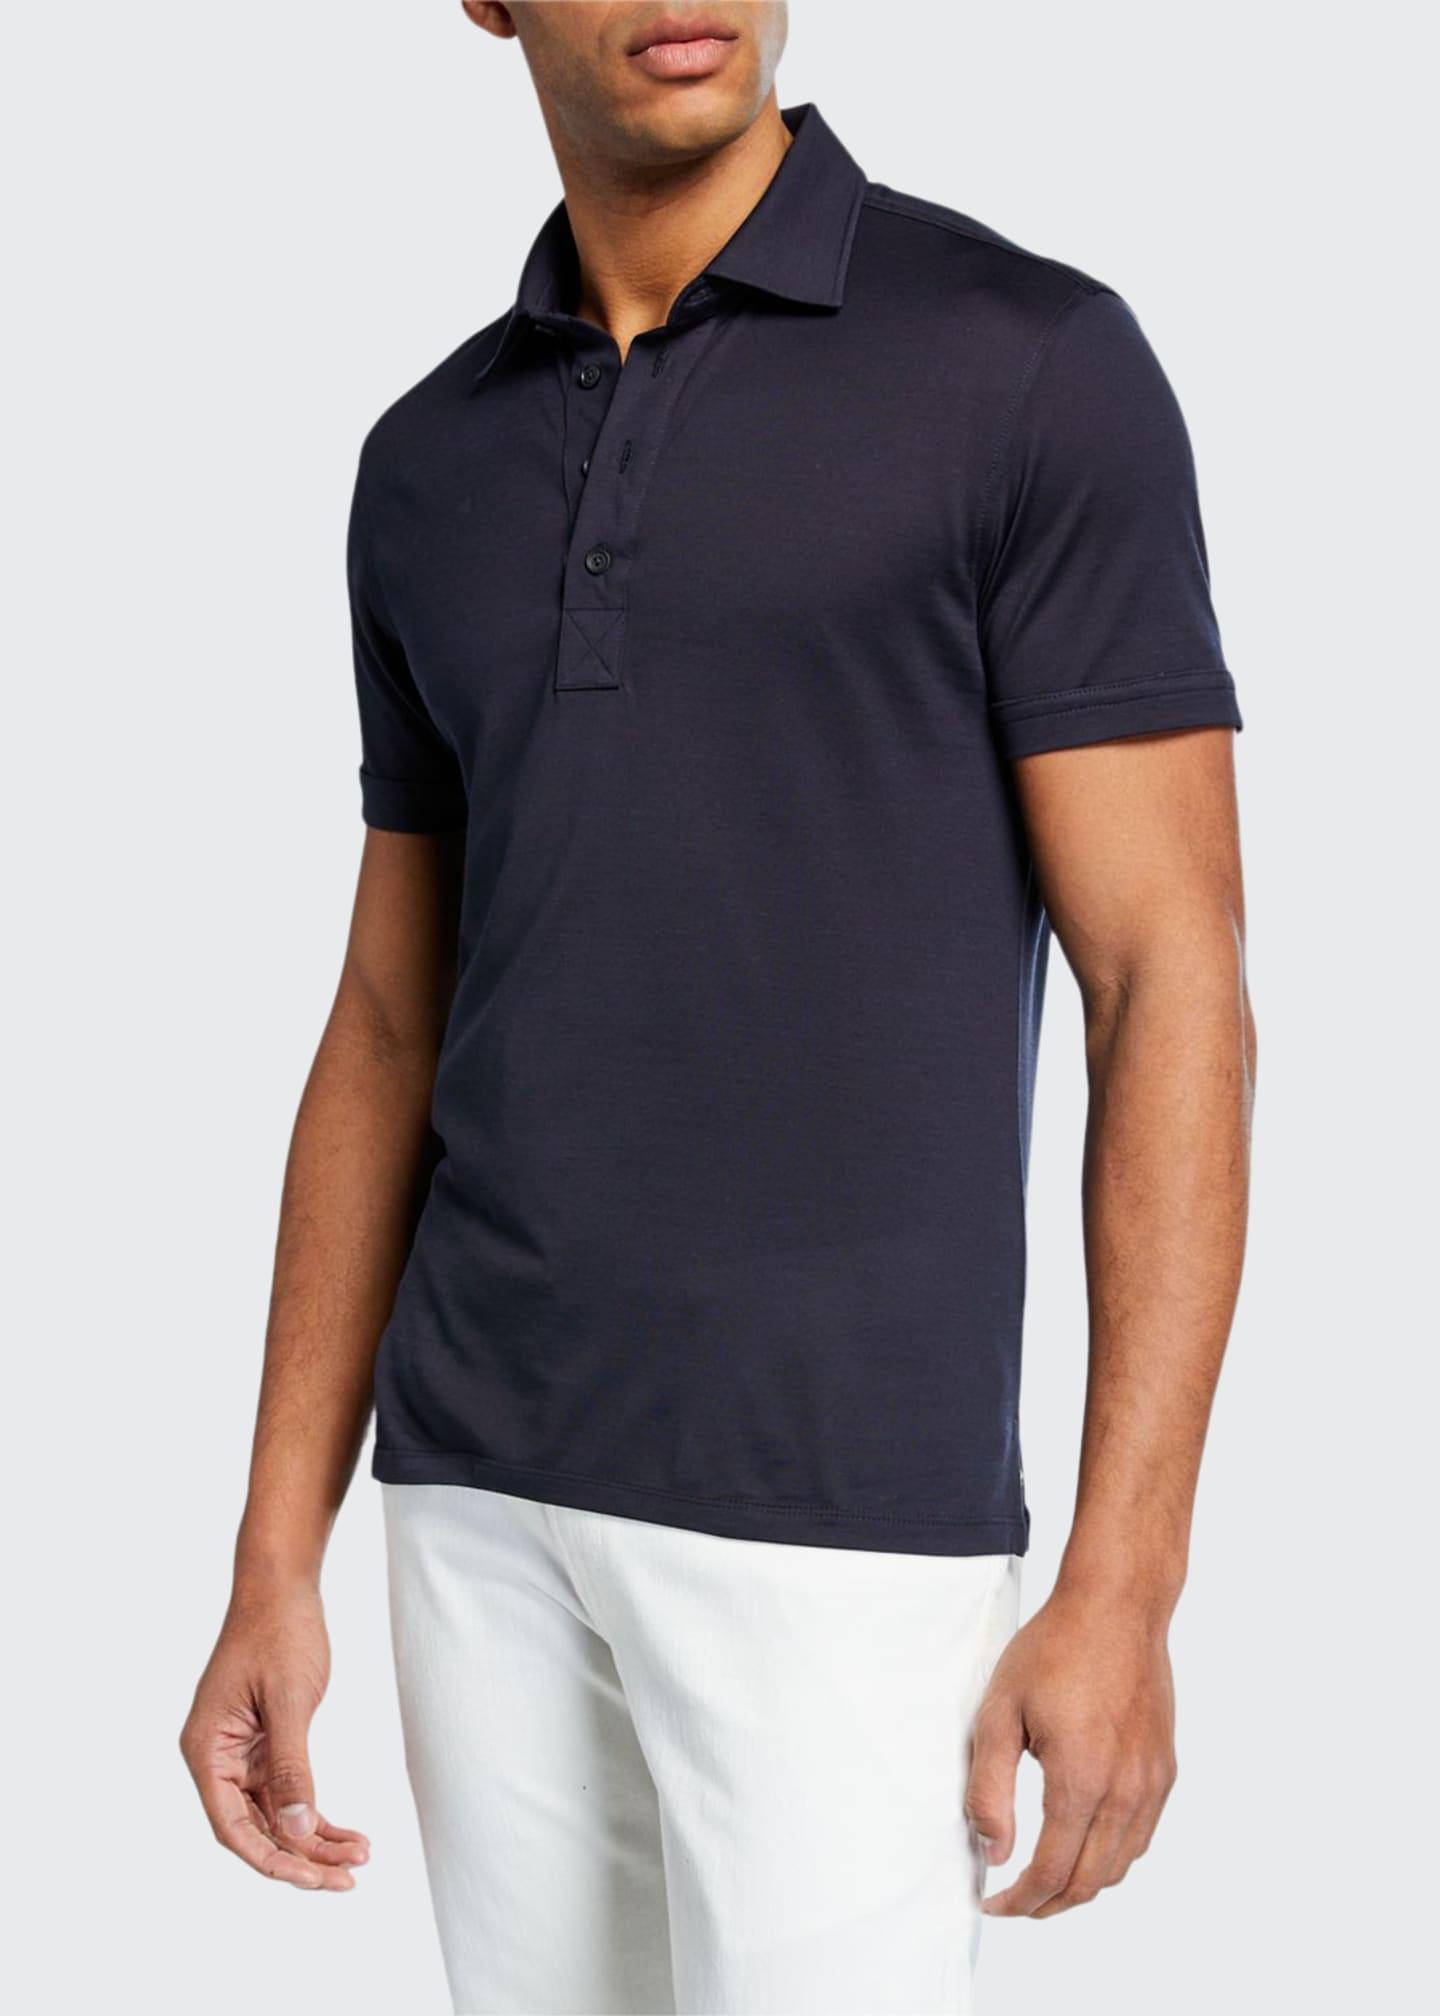 Ermenegildo Zegna Men's Leggerissimo Cotton Polo Shirt, Navy